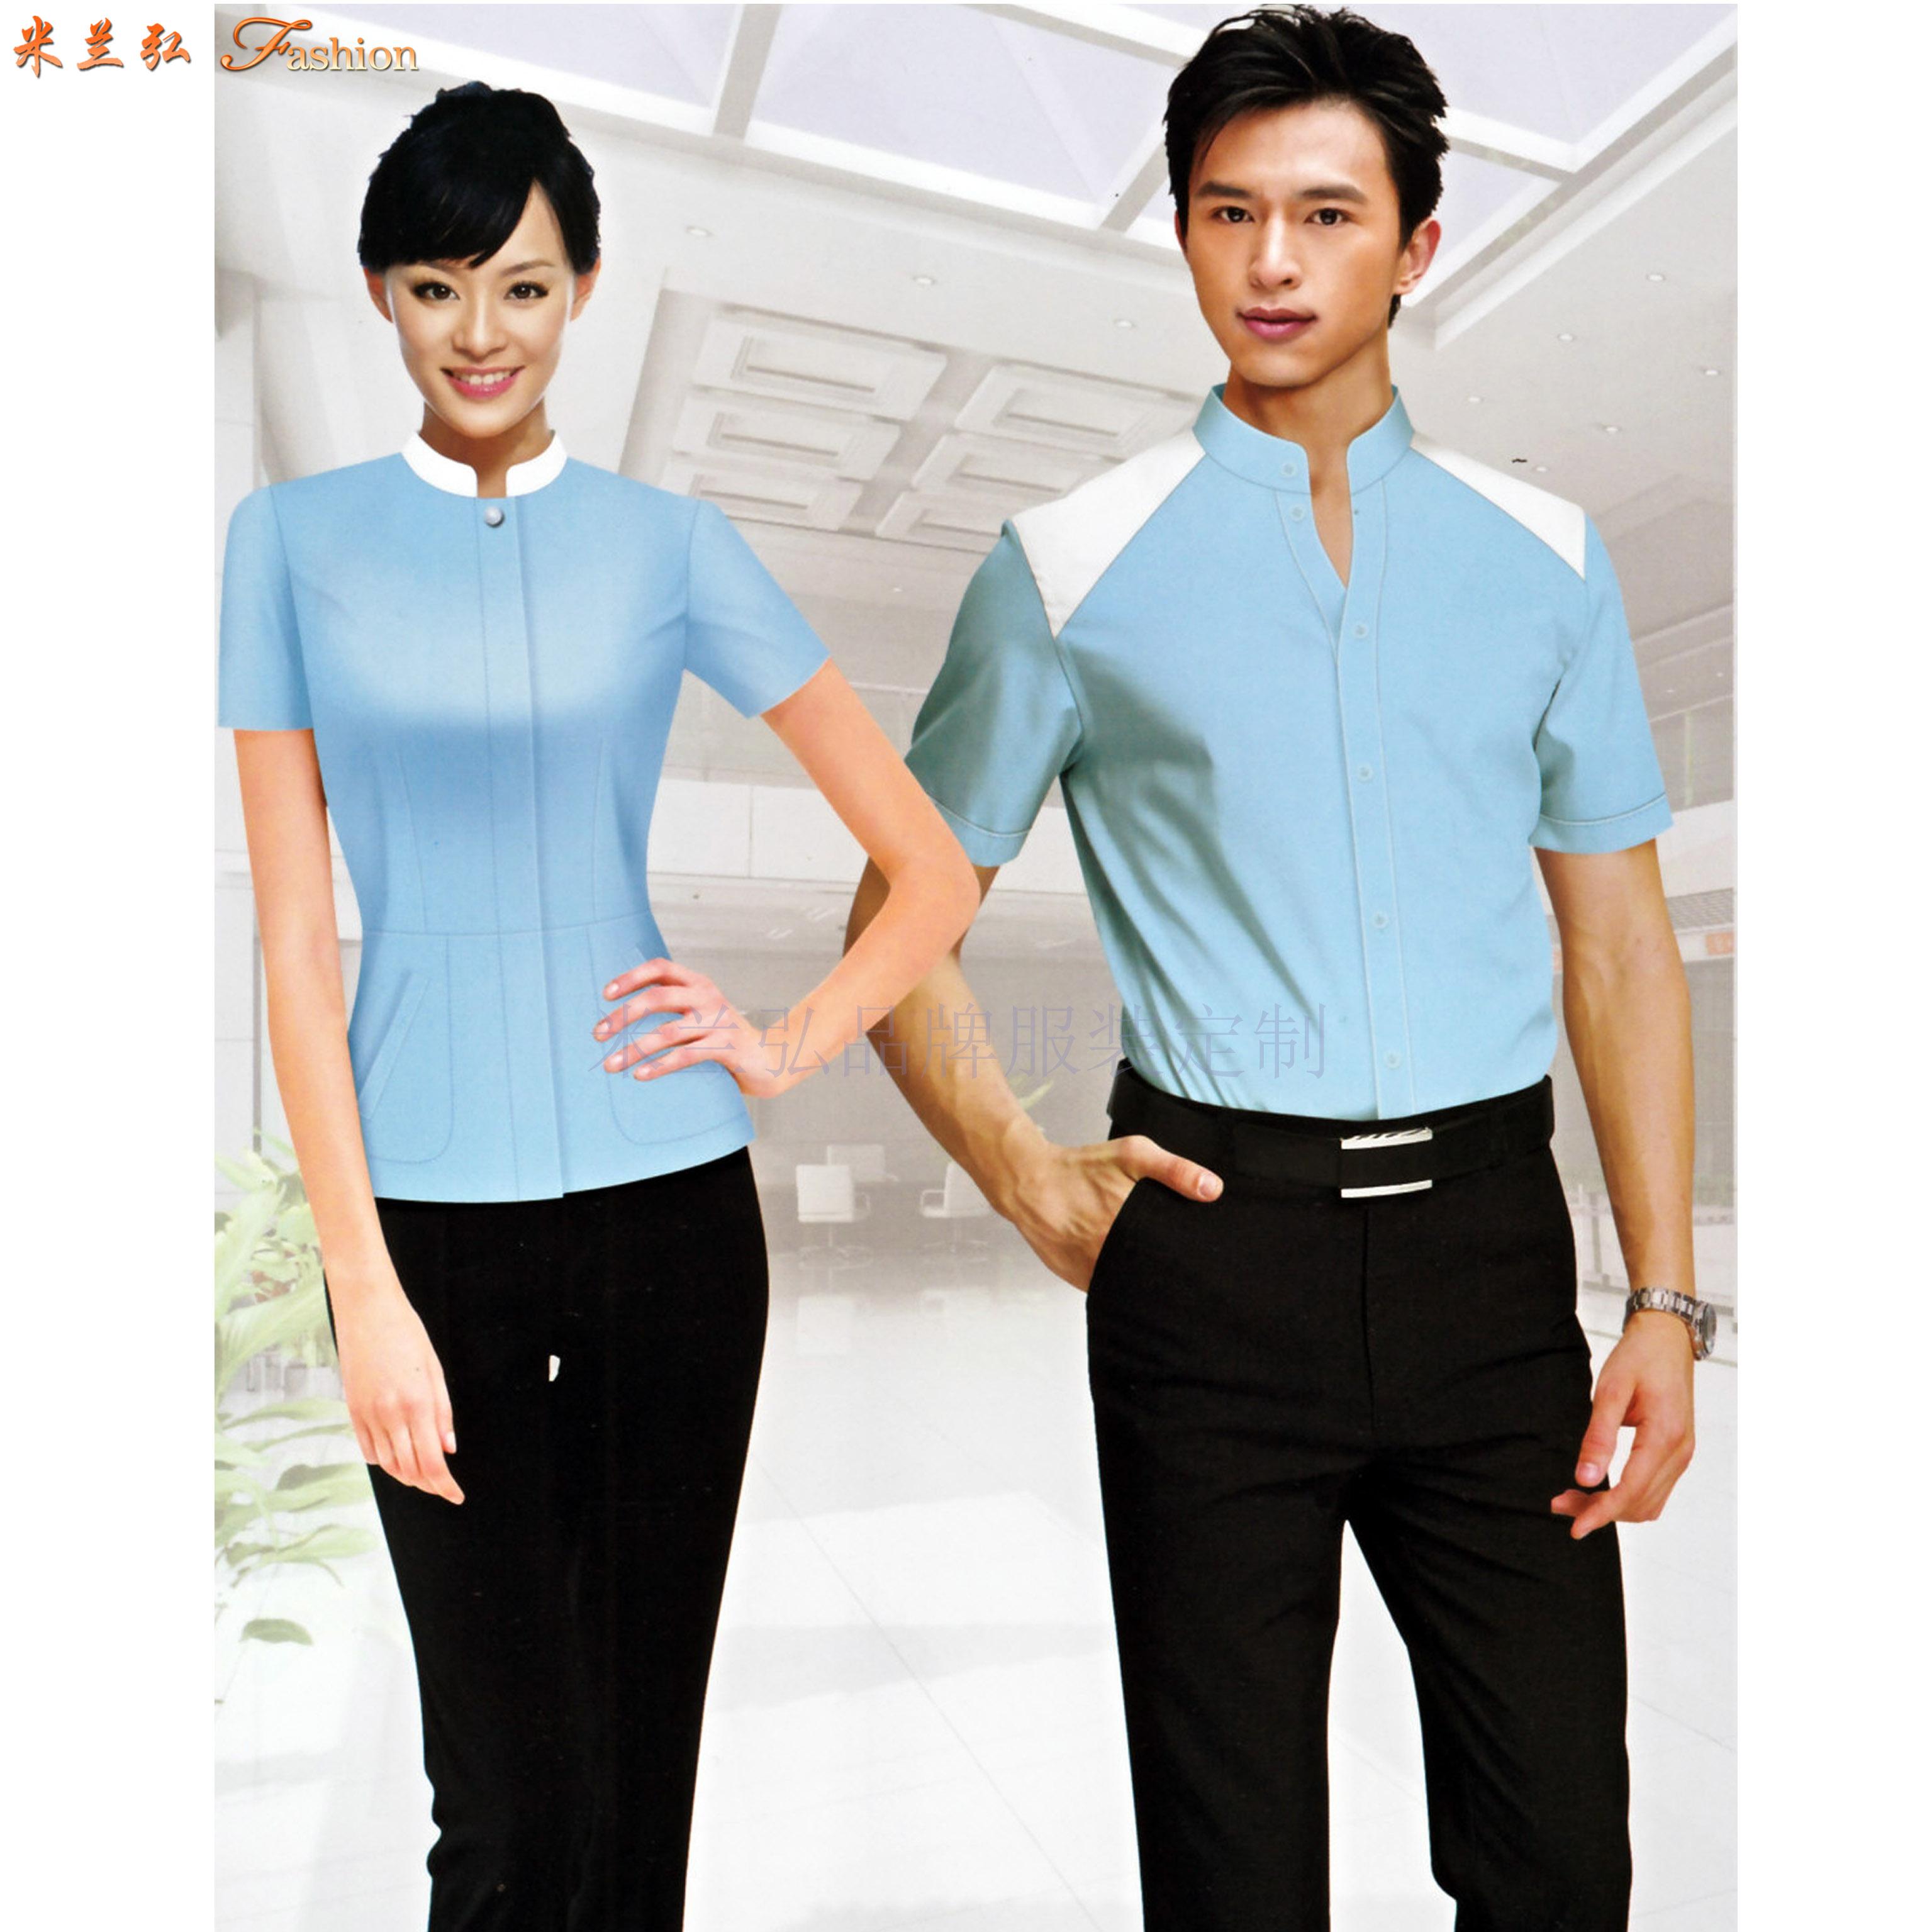 「短袖工作服」供應訂制企業夏天涼爽短袖襯衫套裝-米蘭弘服裝-3